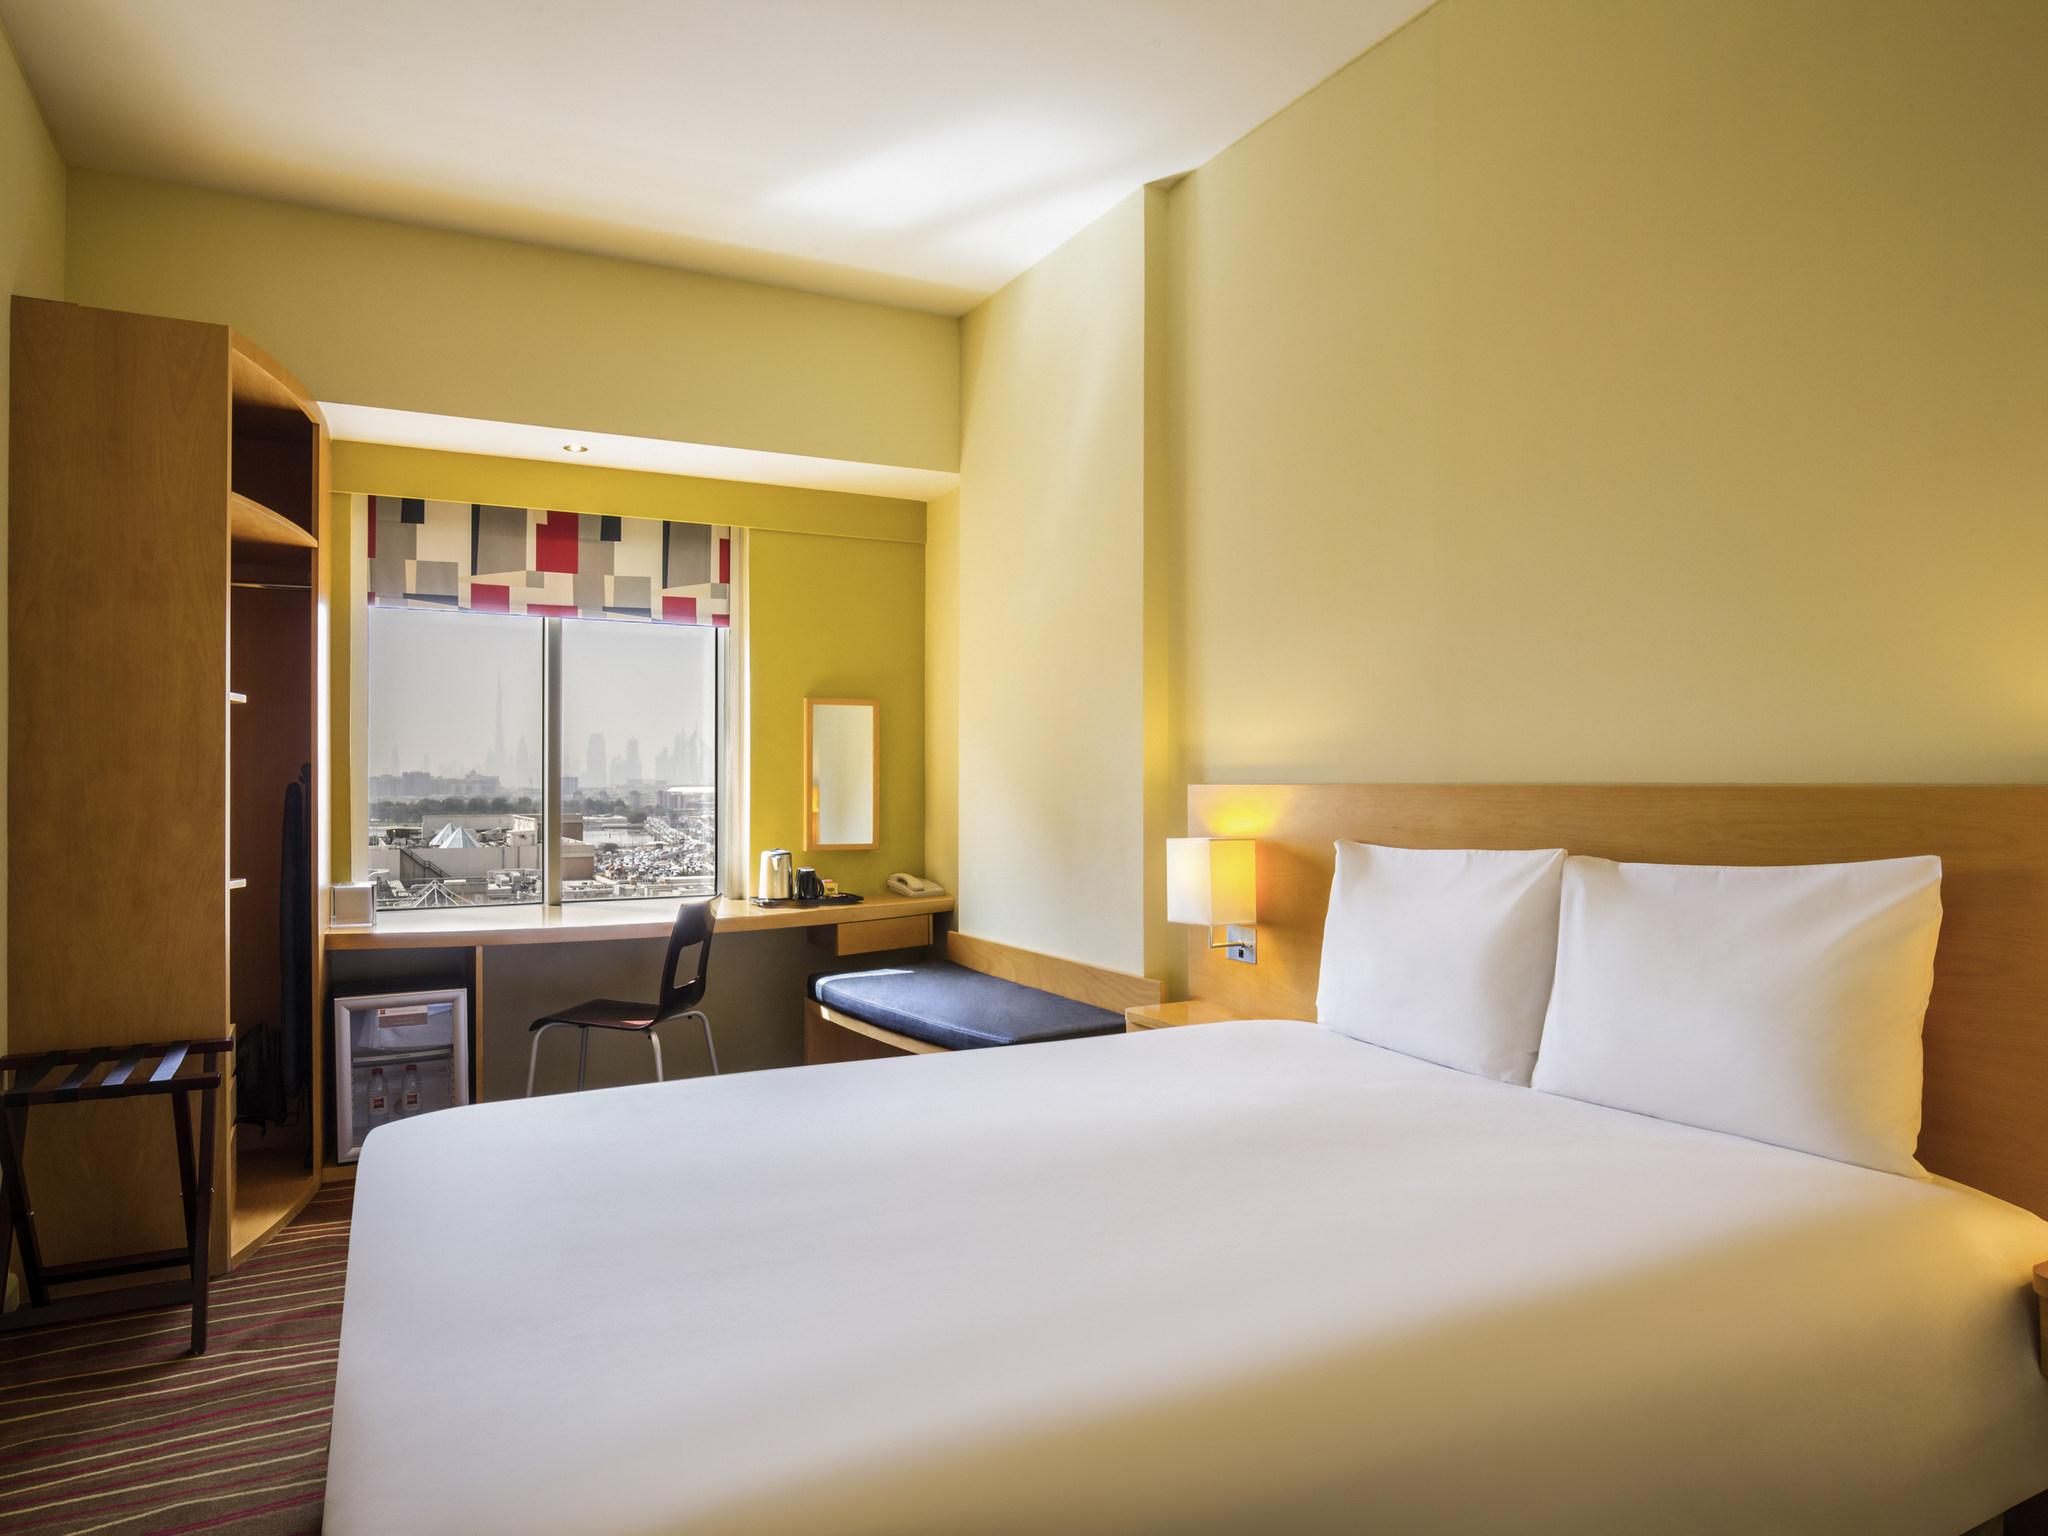 Hotel em dubai ibis dubai deira city centre for Hotel em dubai